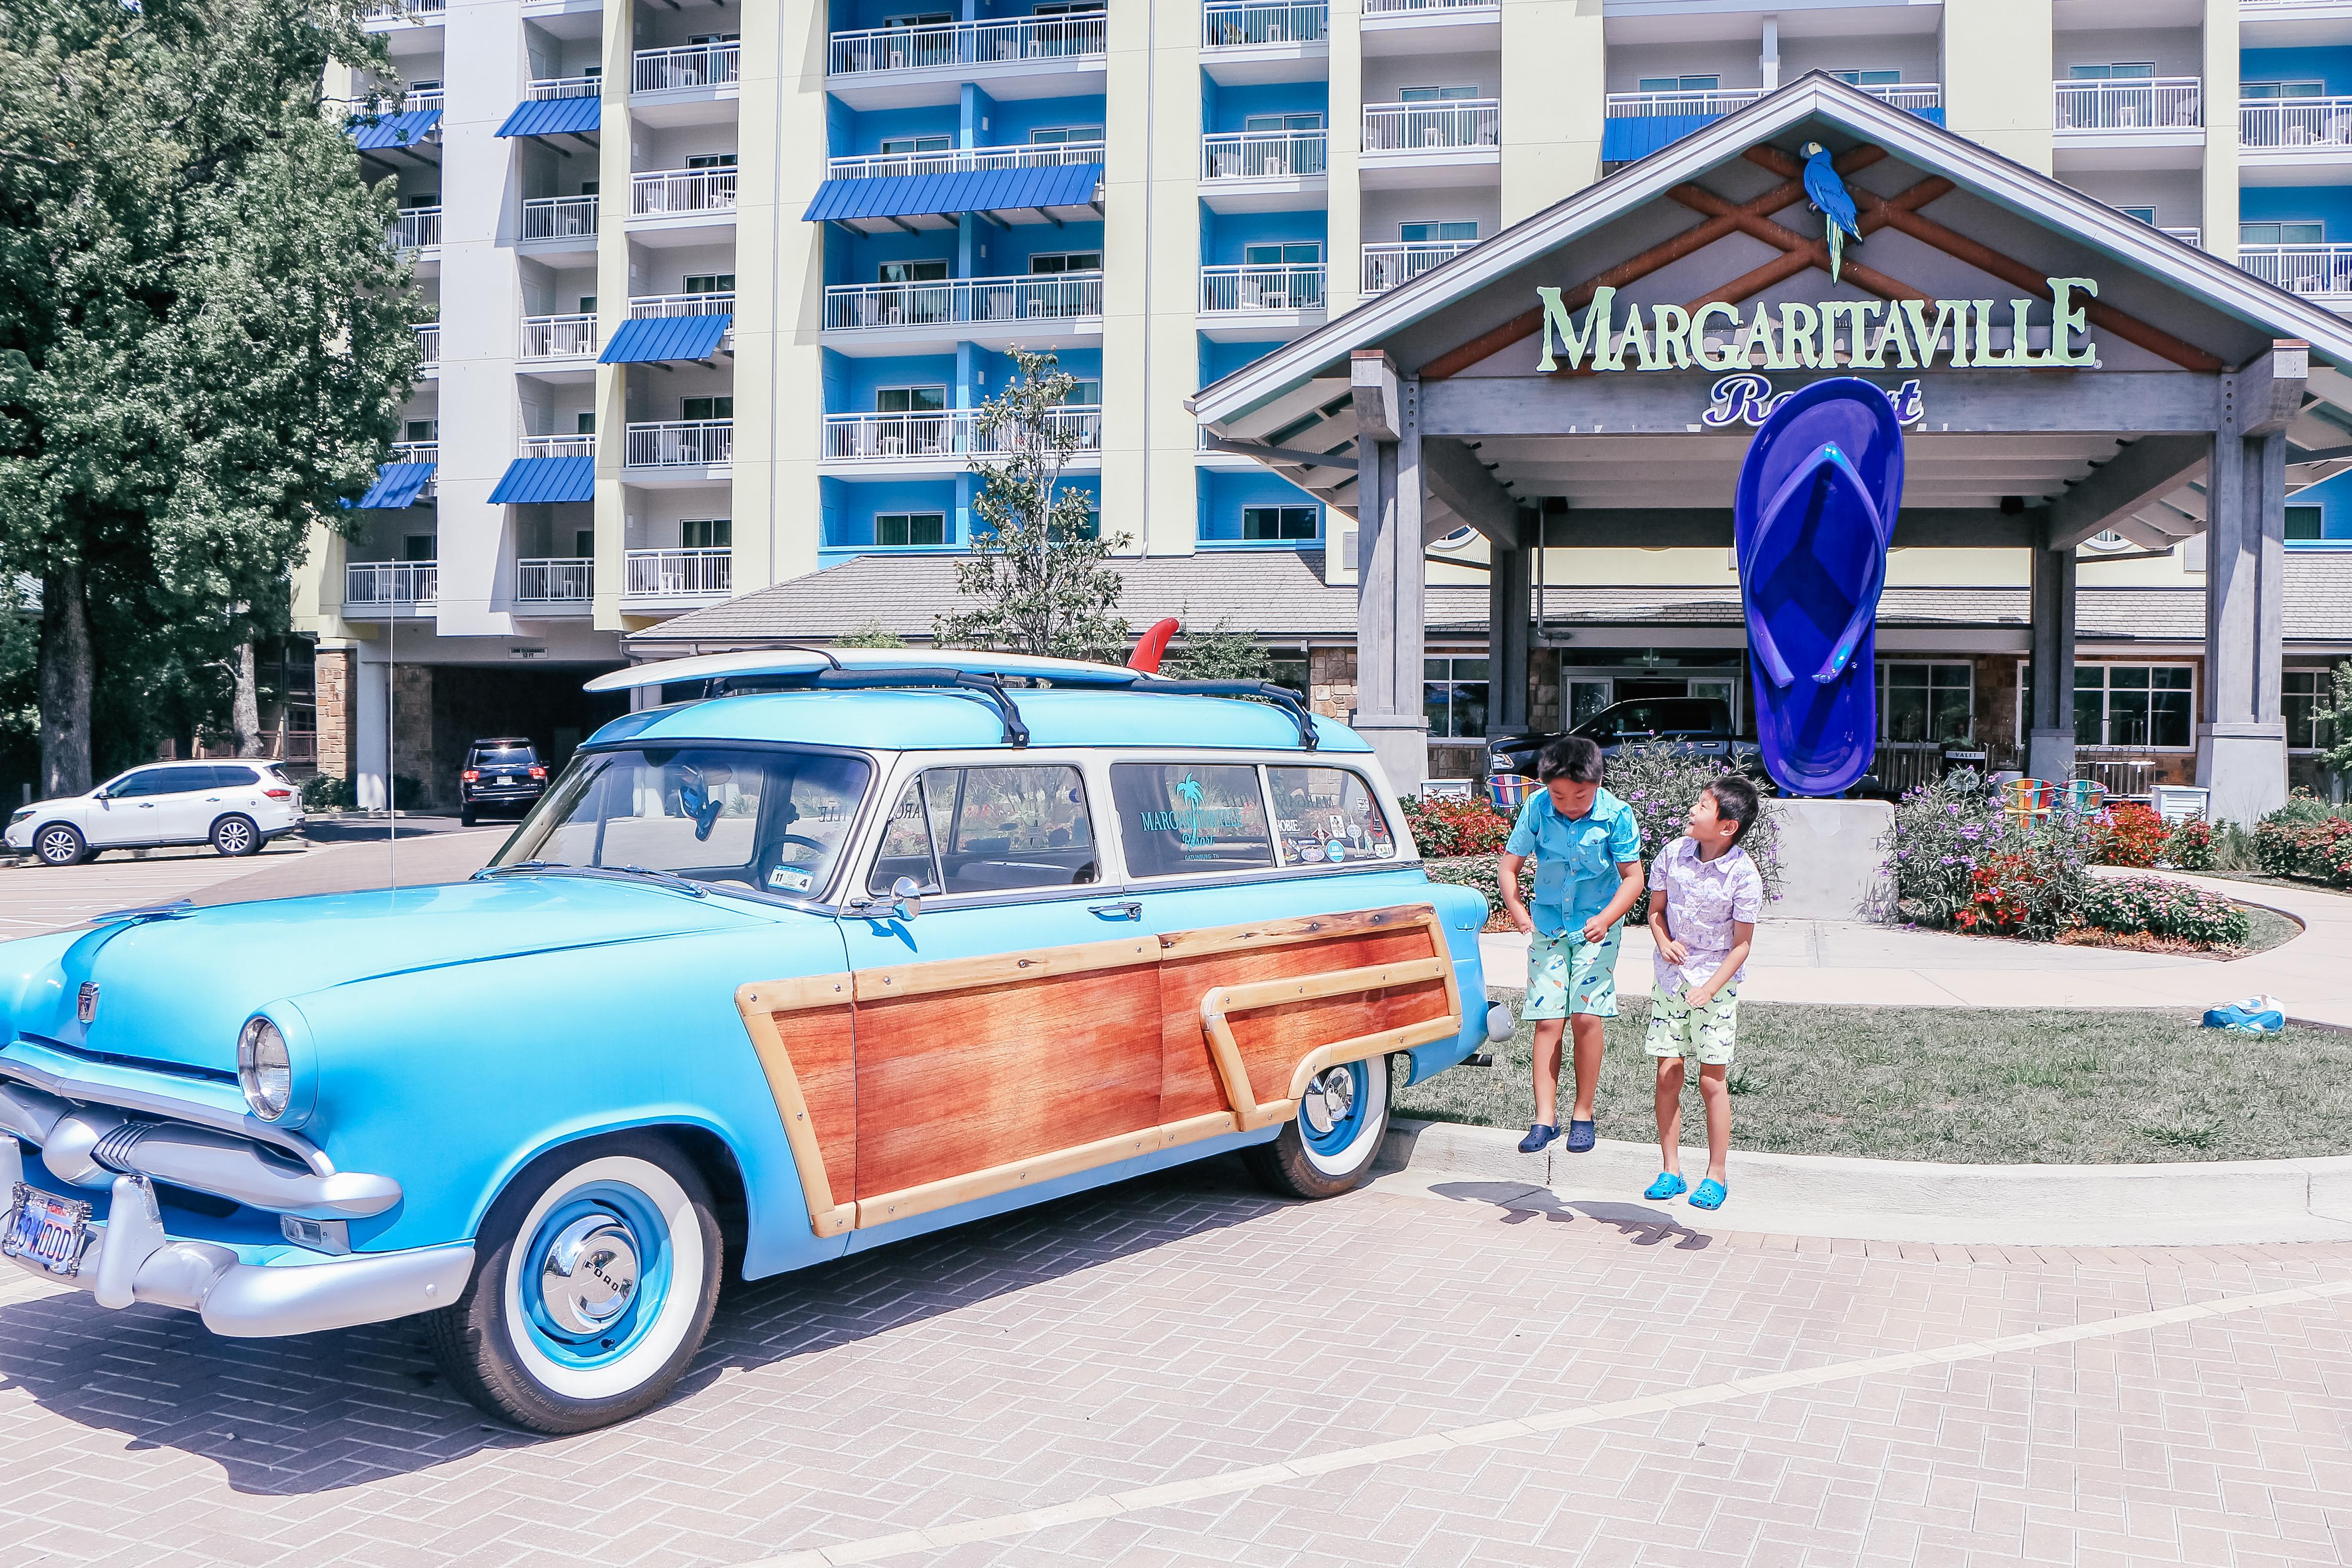 Searching for my lost shaker of salt - Margaritaville Resort